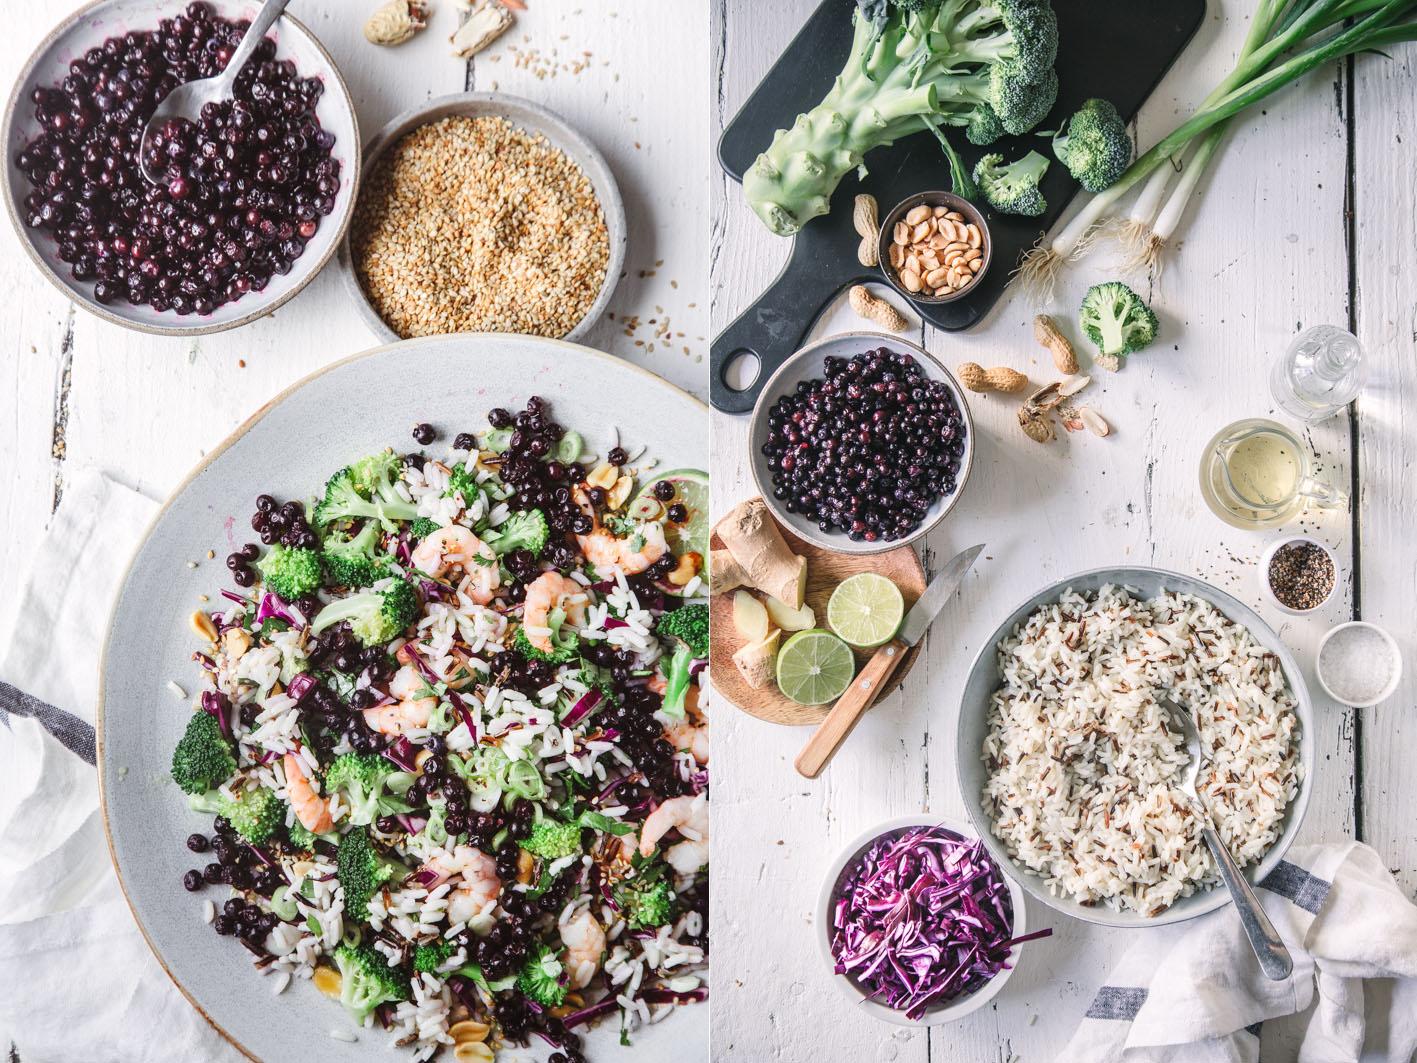 Reissalat mit Blaubeeren, Broccoli und Shrimps